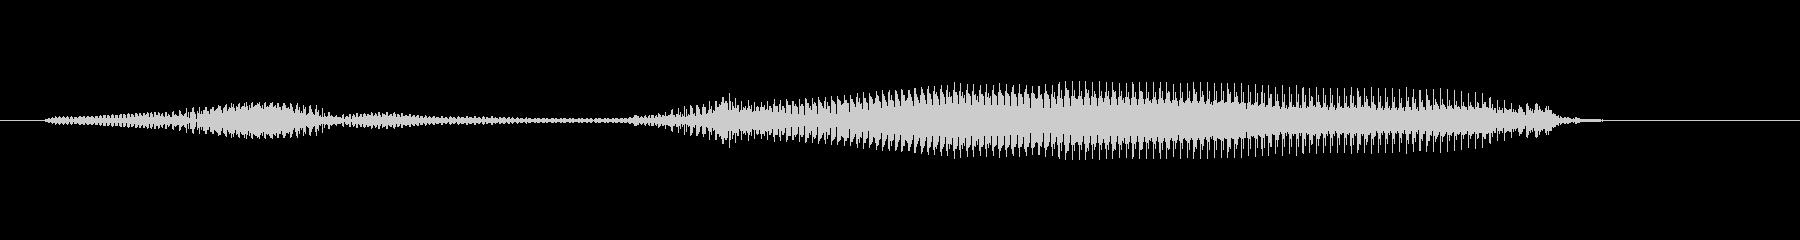 ブッブー(4歳の男の子)の未再生の波形